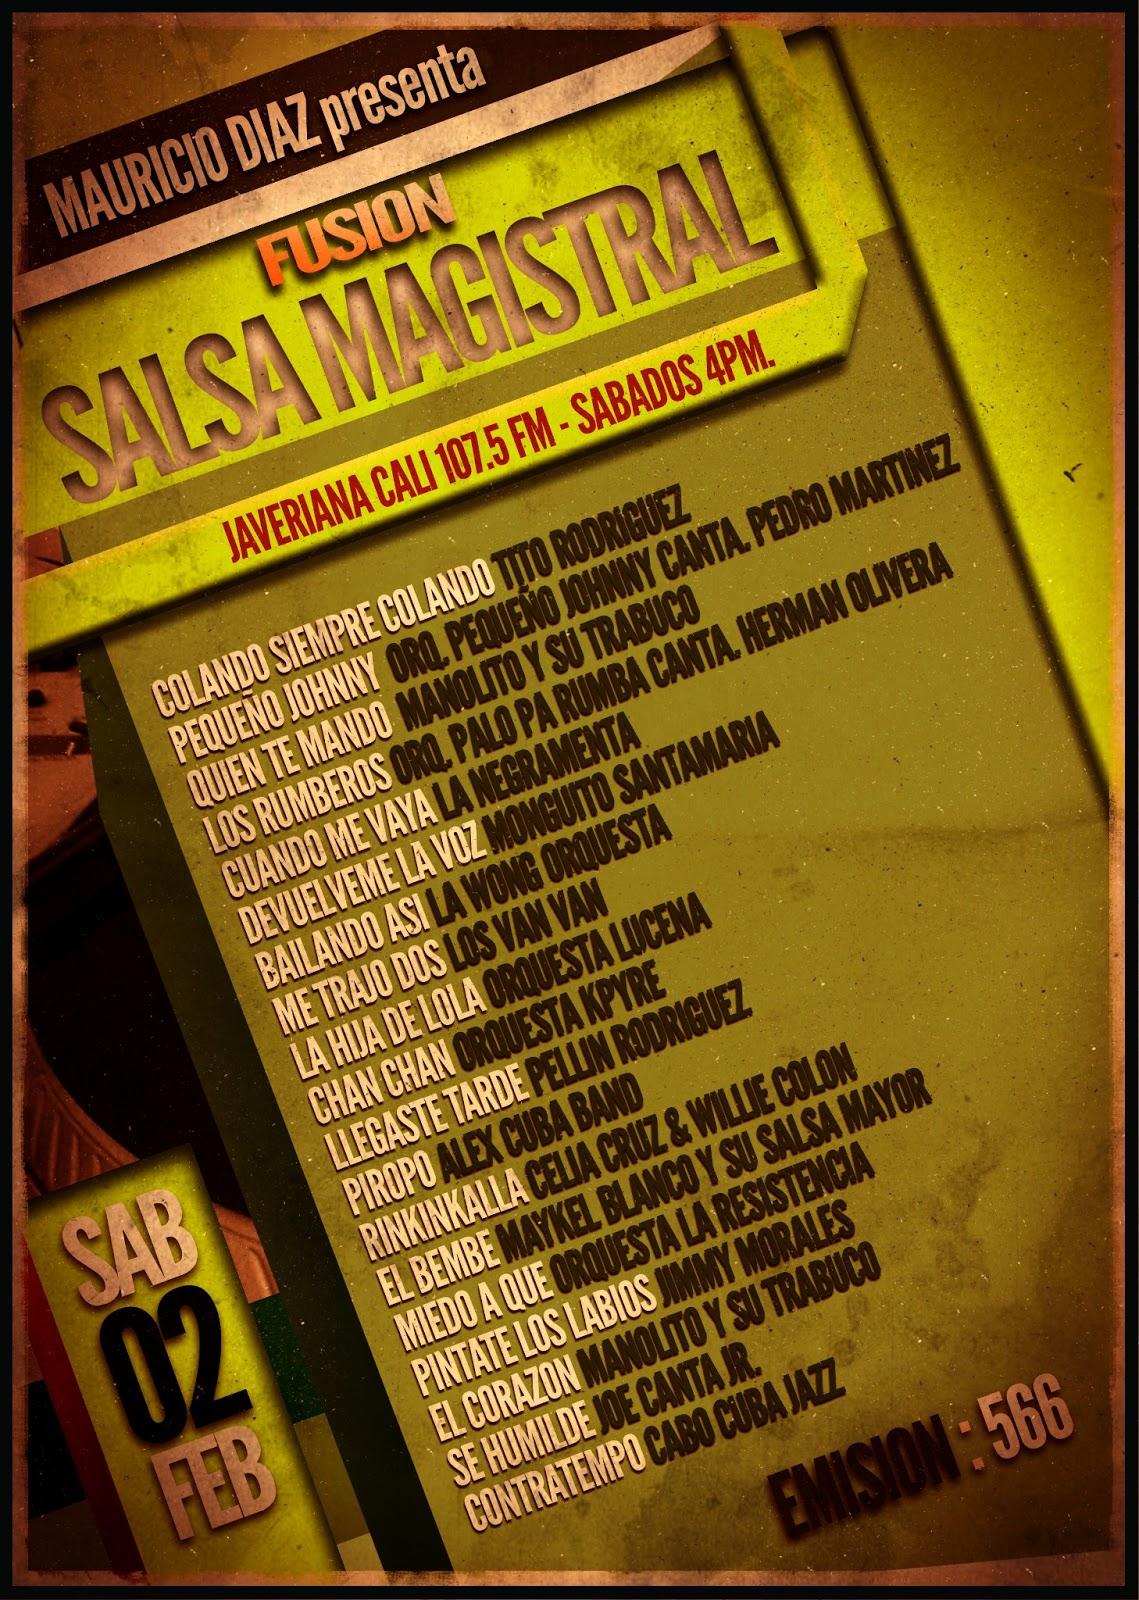 Febrero 2013 salsa magistral for Amazon canta tu alex e co